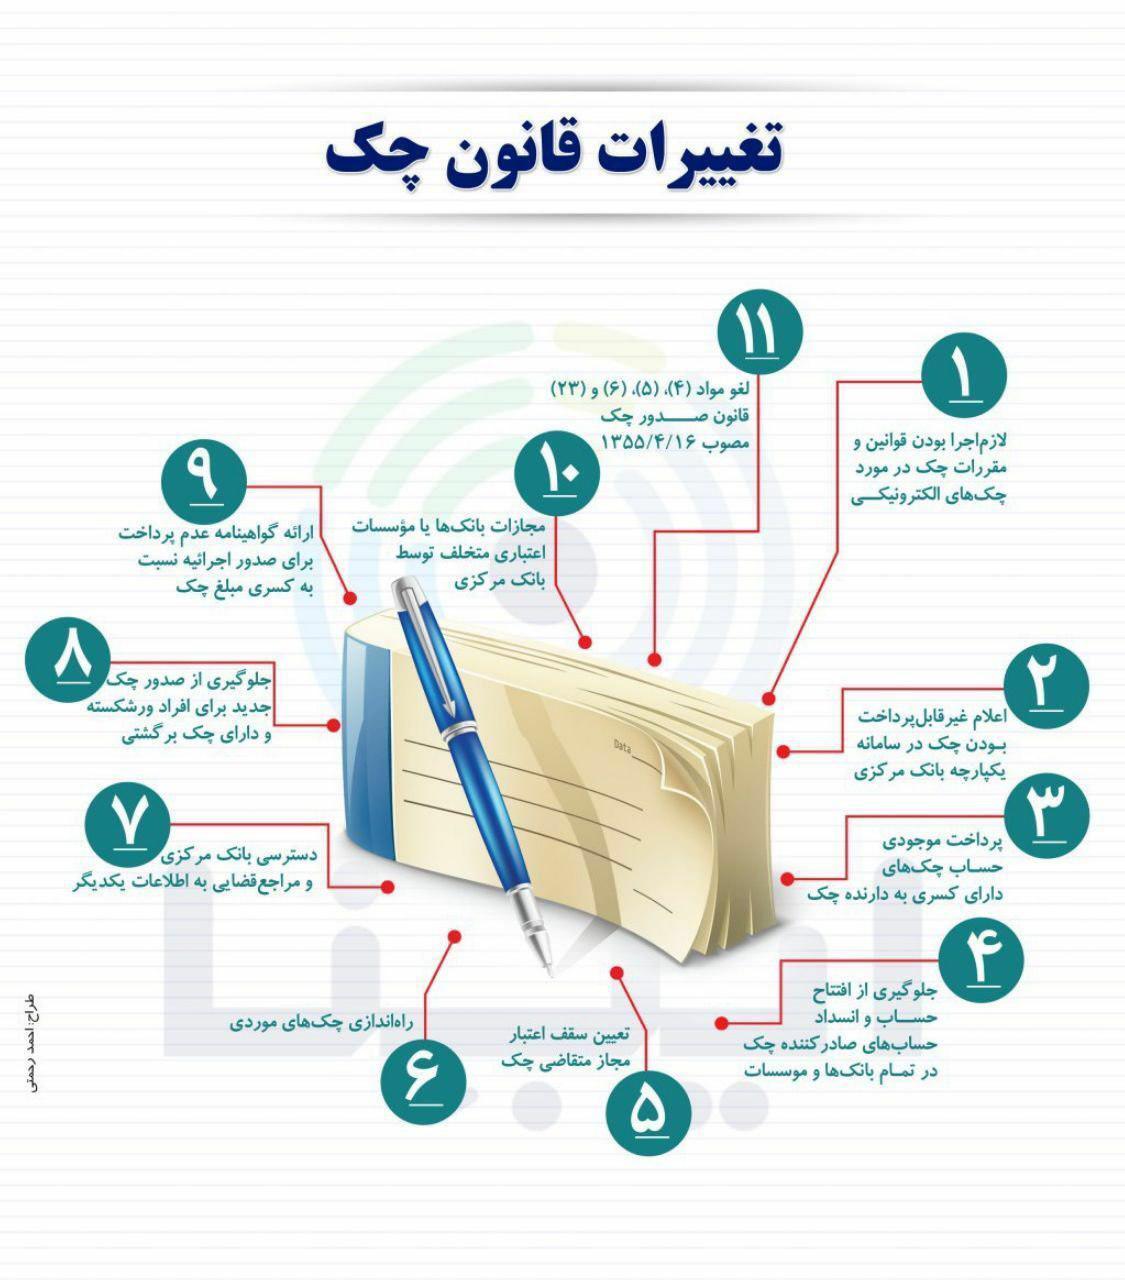 کلاسهای آموزشی جامعه مشاوران رسمی مالیاتی ایران